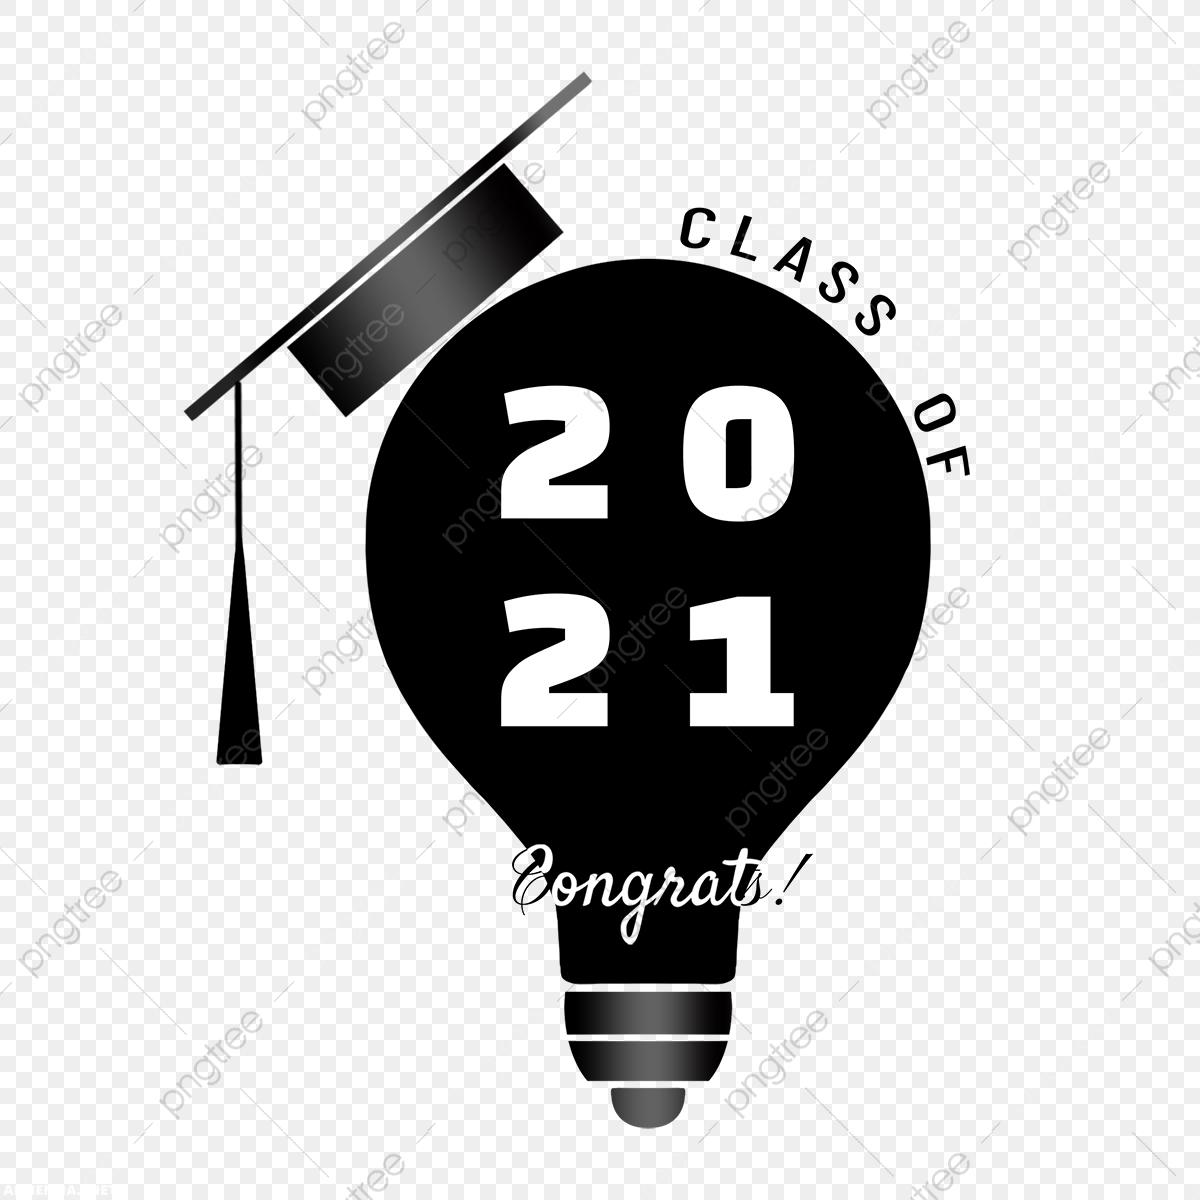 صور فيس بوك عن راس السنة 2022